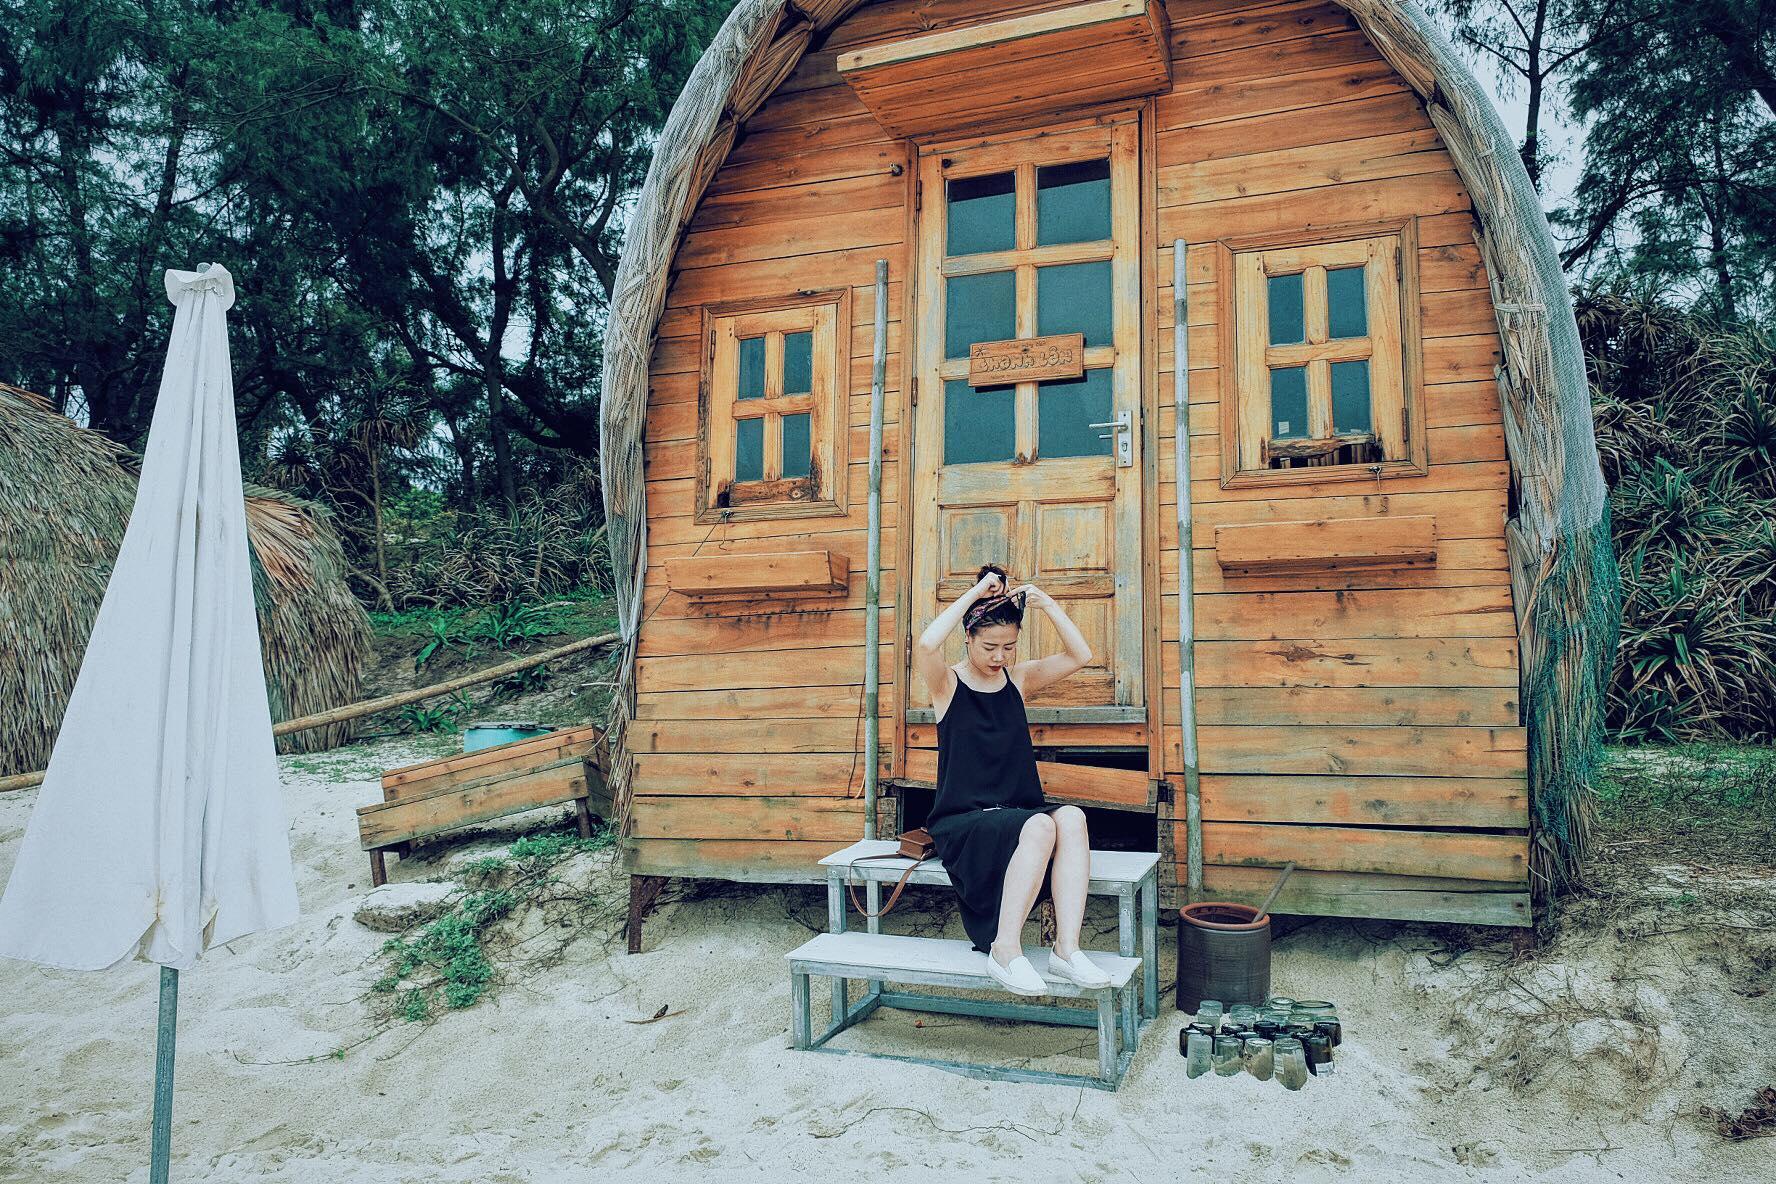 6 địa điểm cắm trại bên biển đẹp và vui hết sảy mà bạn đừng bỏ lỡ - Ảnh 8.